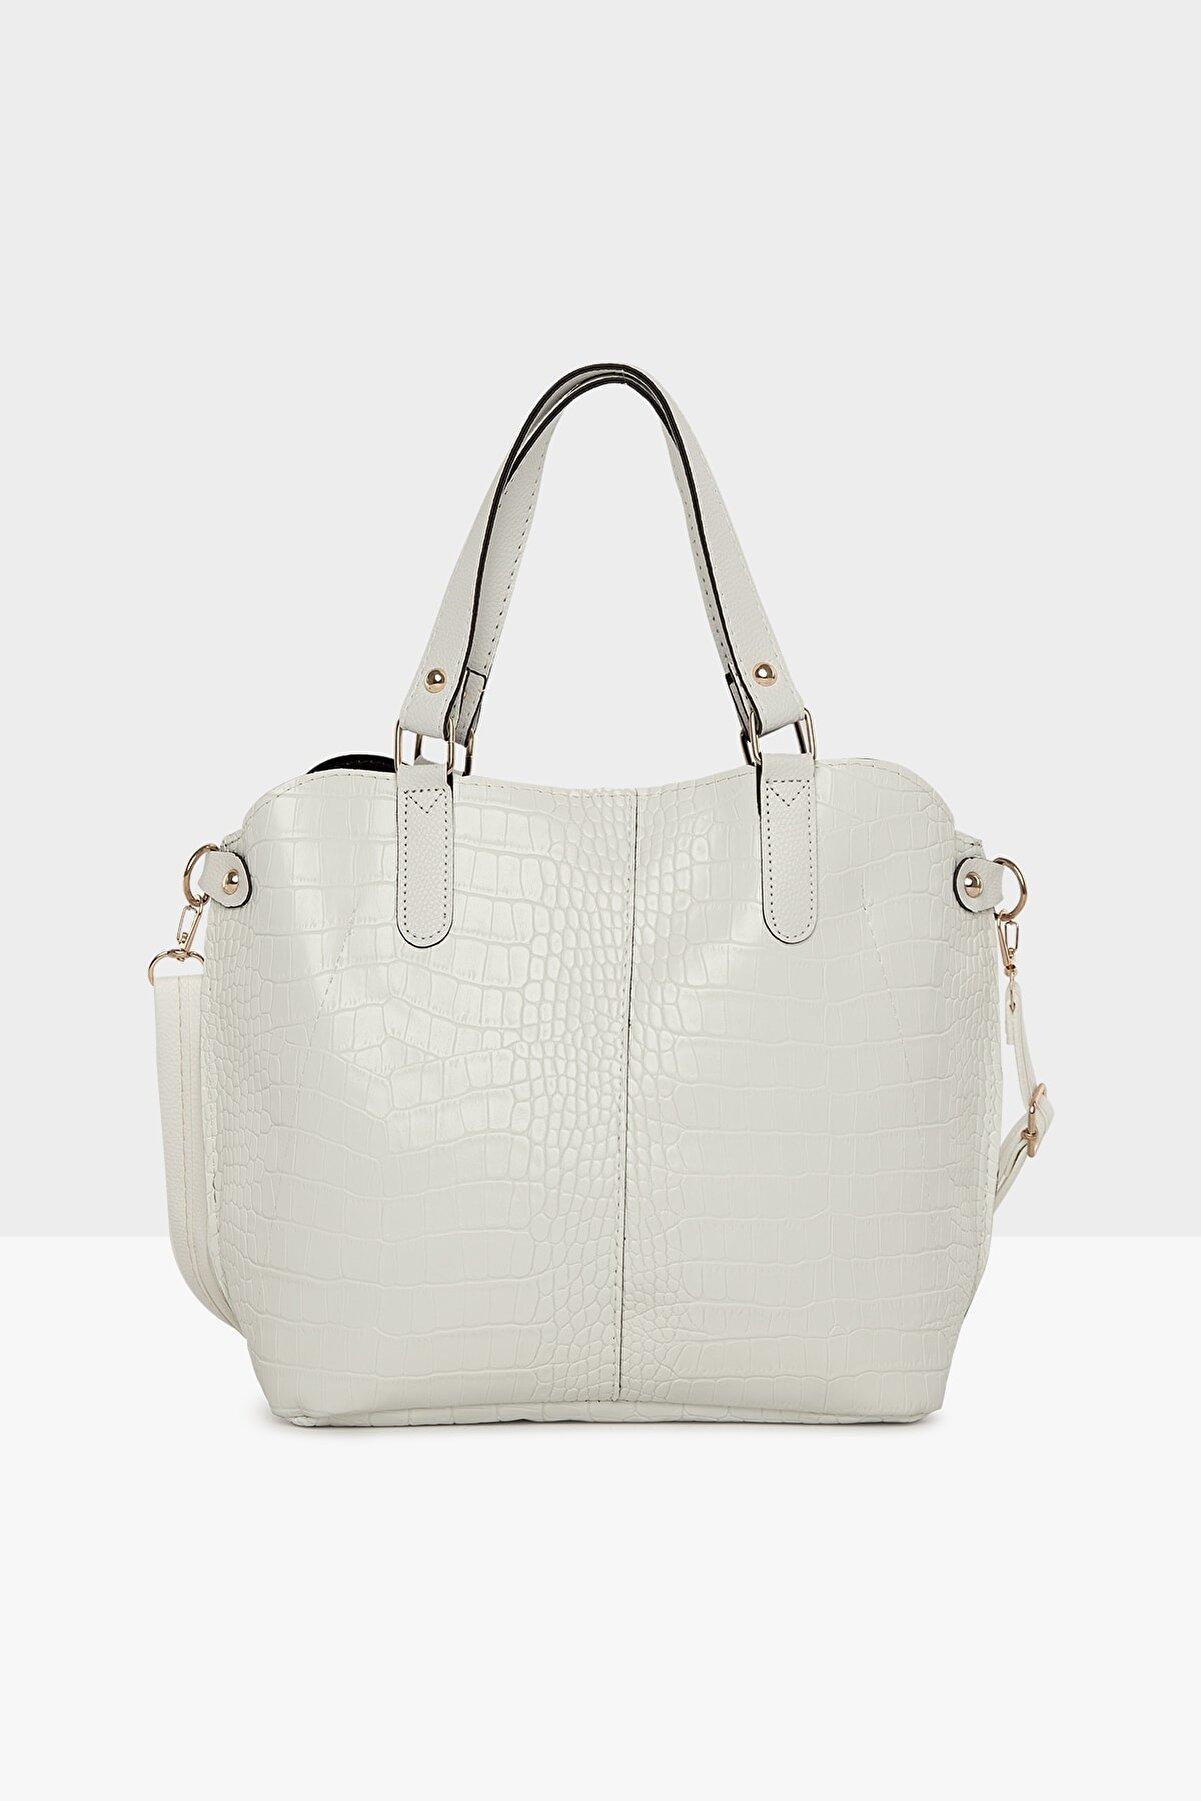 Bagmori Beyaz Kadın Kroko Üç Bölmeli Çıtçıtlı Çanta M000003772